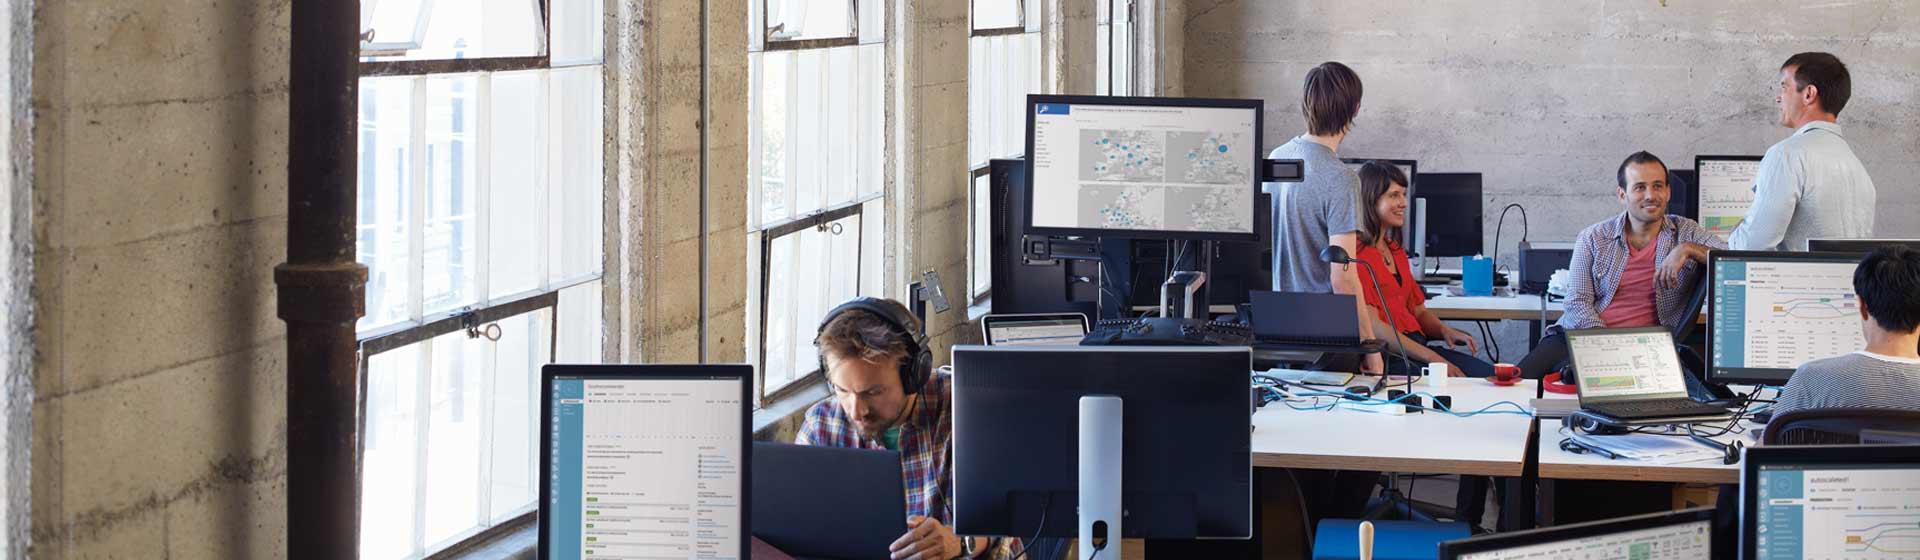 En gruppe kollegaer, der henholdsvis sidder og står rundt om deres skrivebord i et kontor fuldt af computere, hvor man ser Office 365-billedet